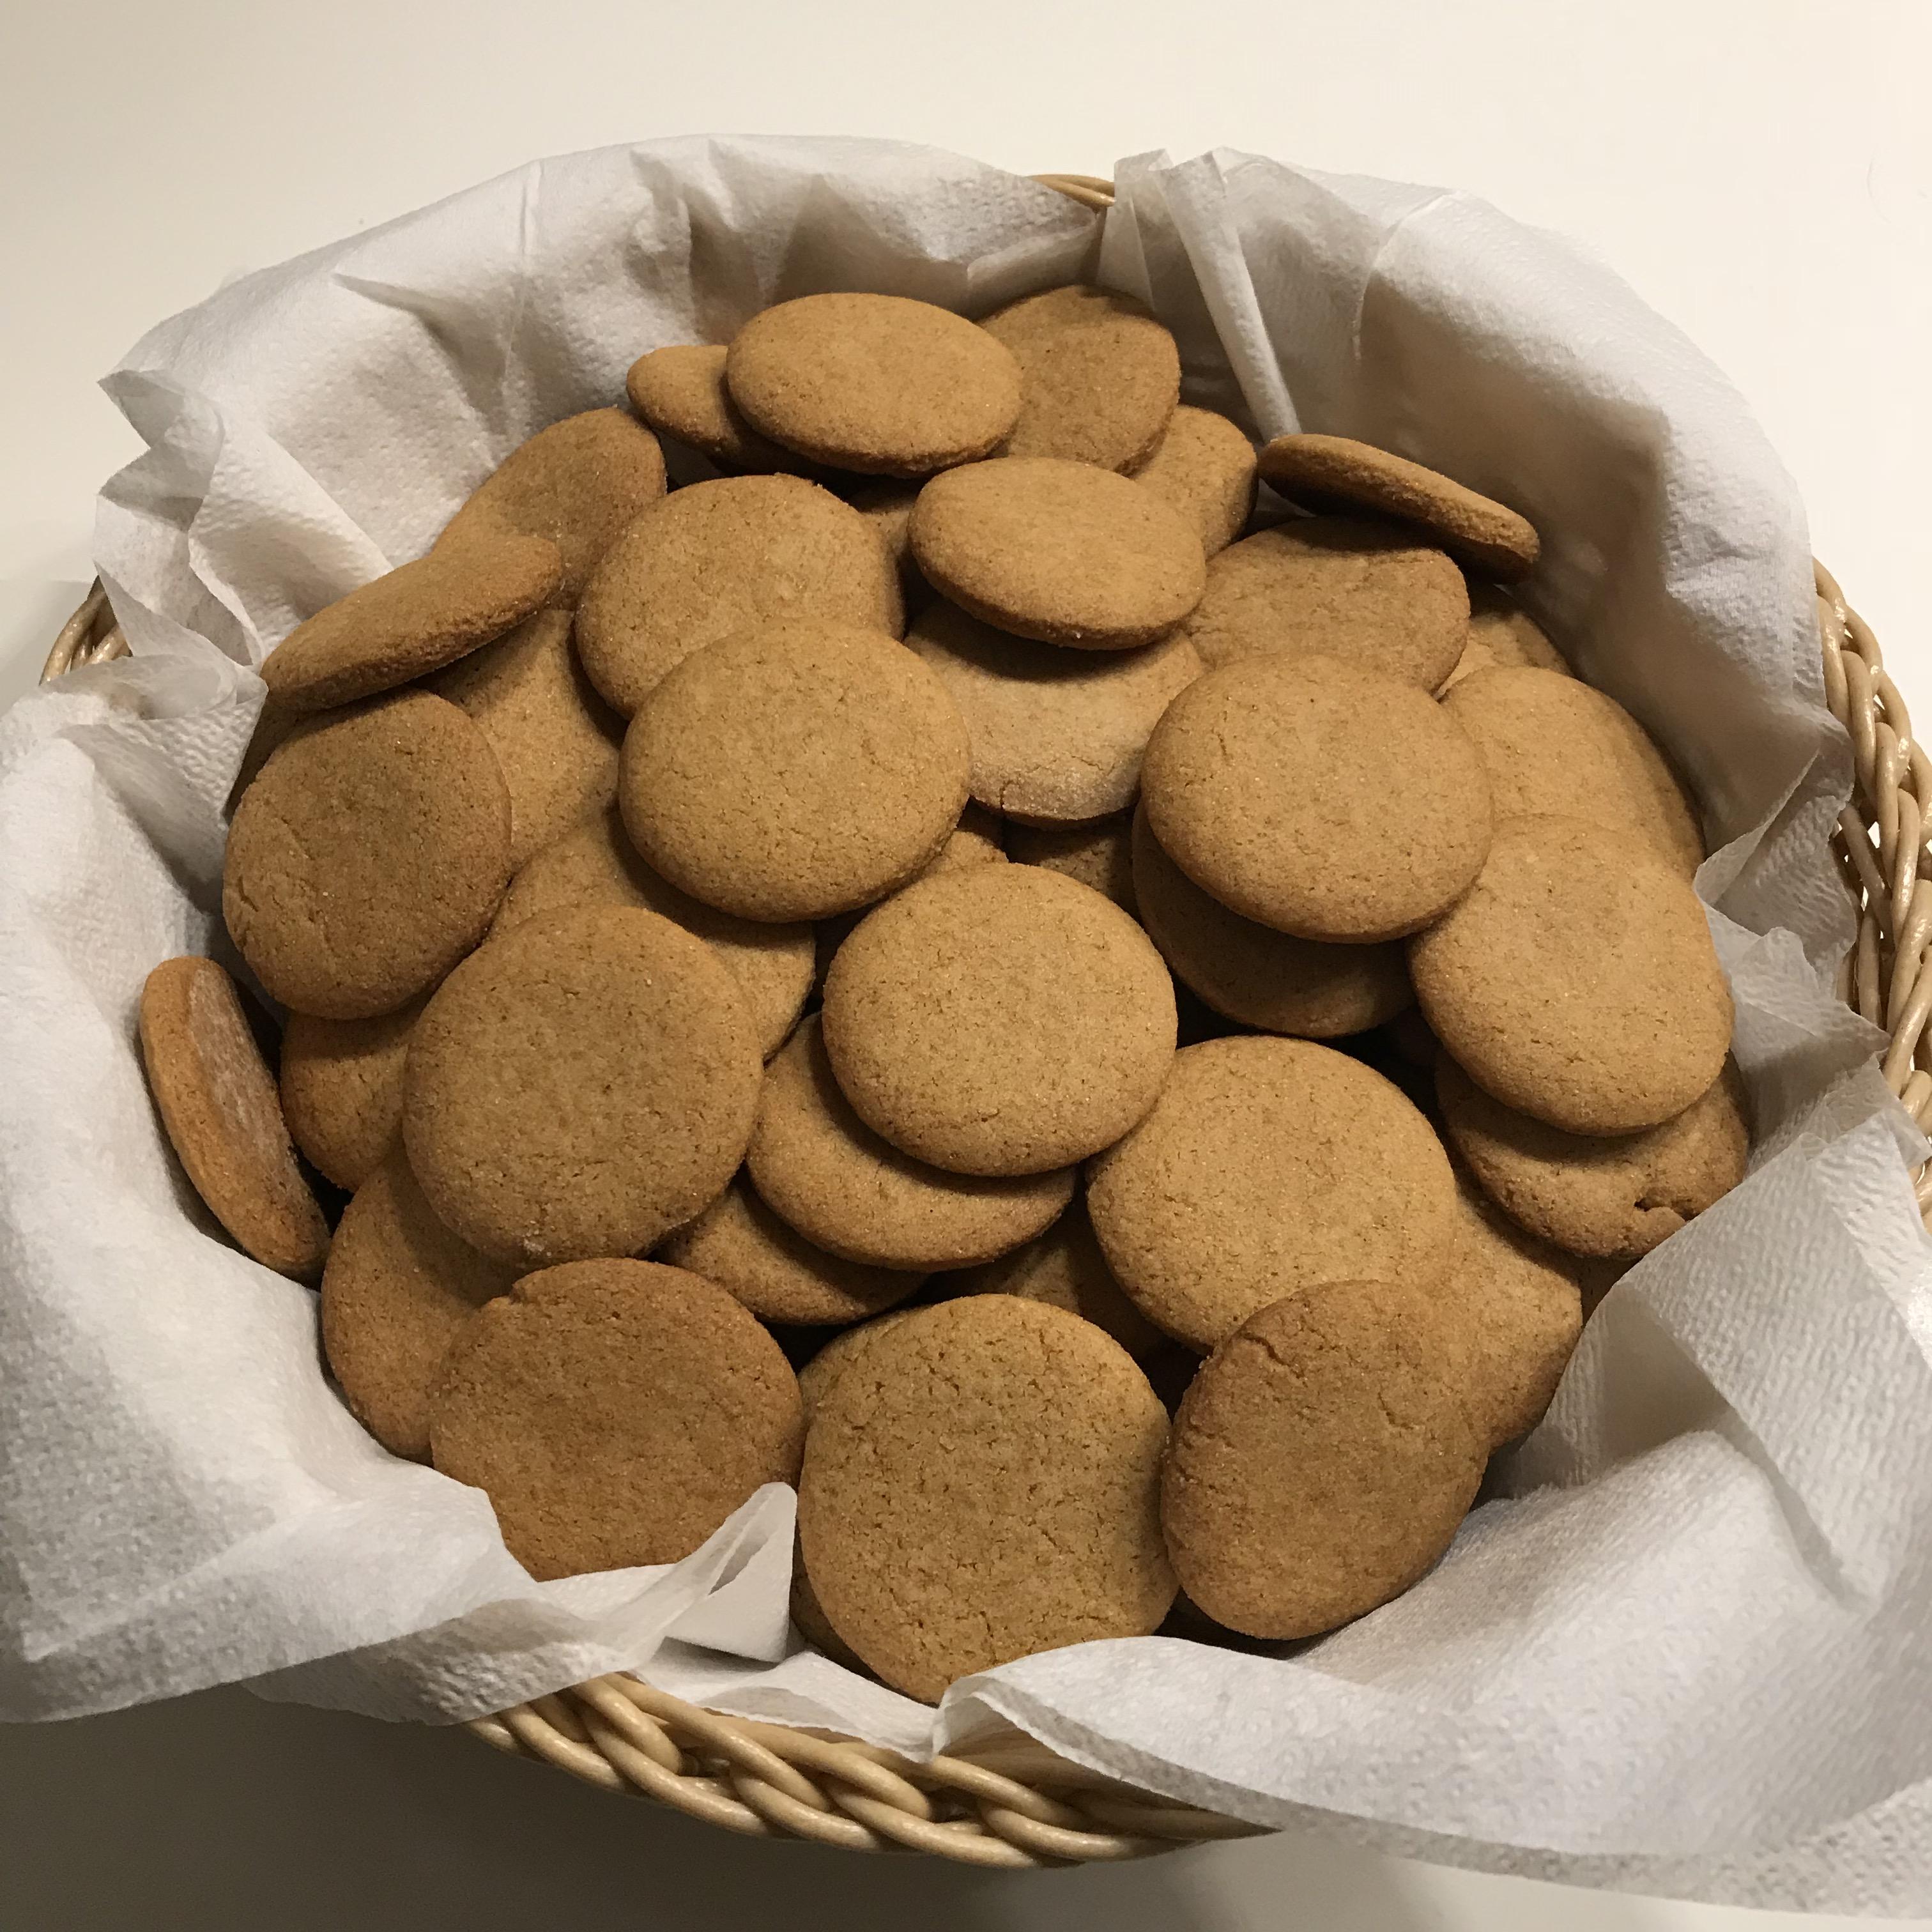 Gluten-free biscuits